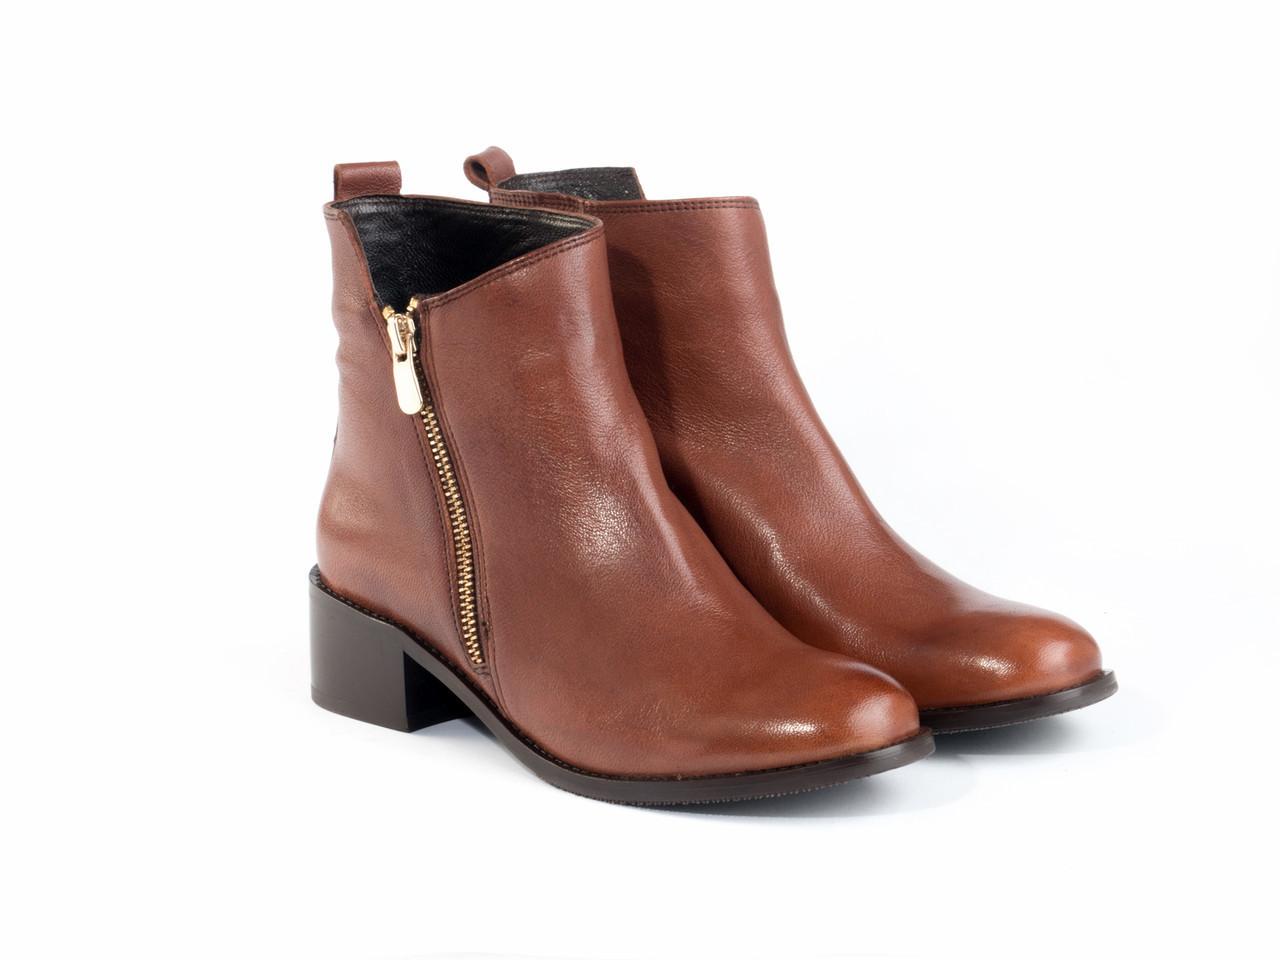 Ботинки Etor 6675-05-3666 40 коричневые